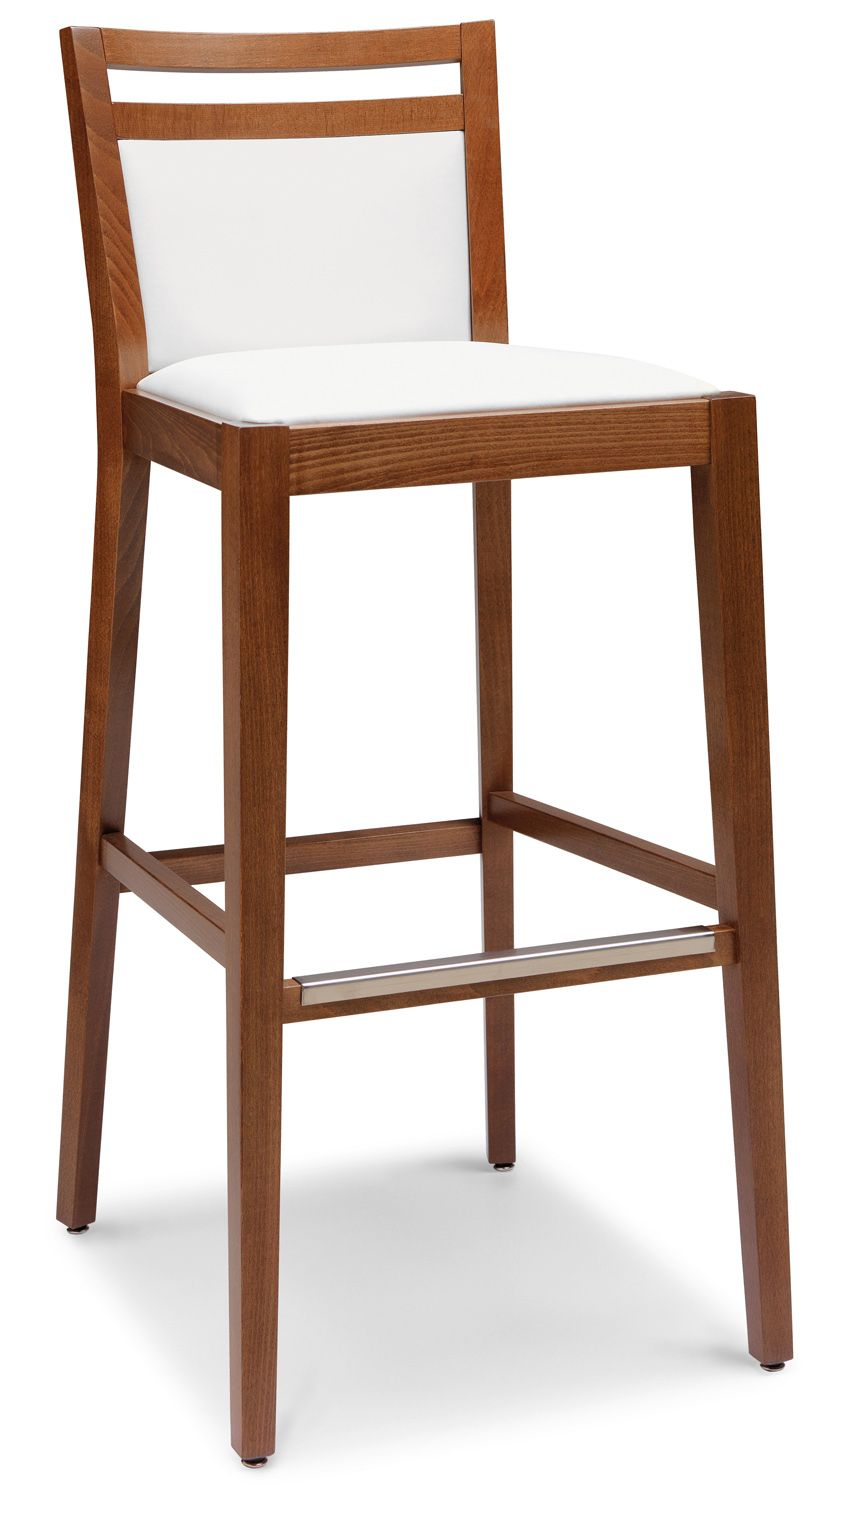 € 150,00 #sconto 40% #sgabello OFELIA #stile classico. Realizzato in #legno massello con sedile e schienale imbottiti e rivestiti: 100% #MadeinItaly. Dotato di comodo #poggiapiedi con protezione metallica. Scoprilo e #acquistalo in #offerta #prezzo su www.chairsoutlet.com